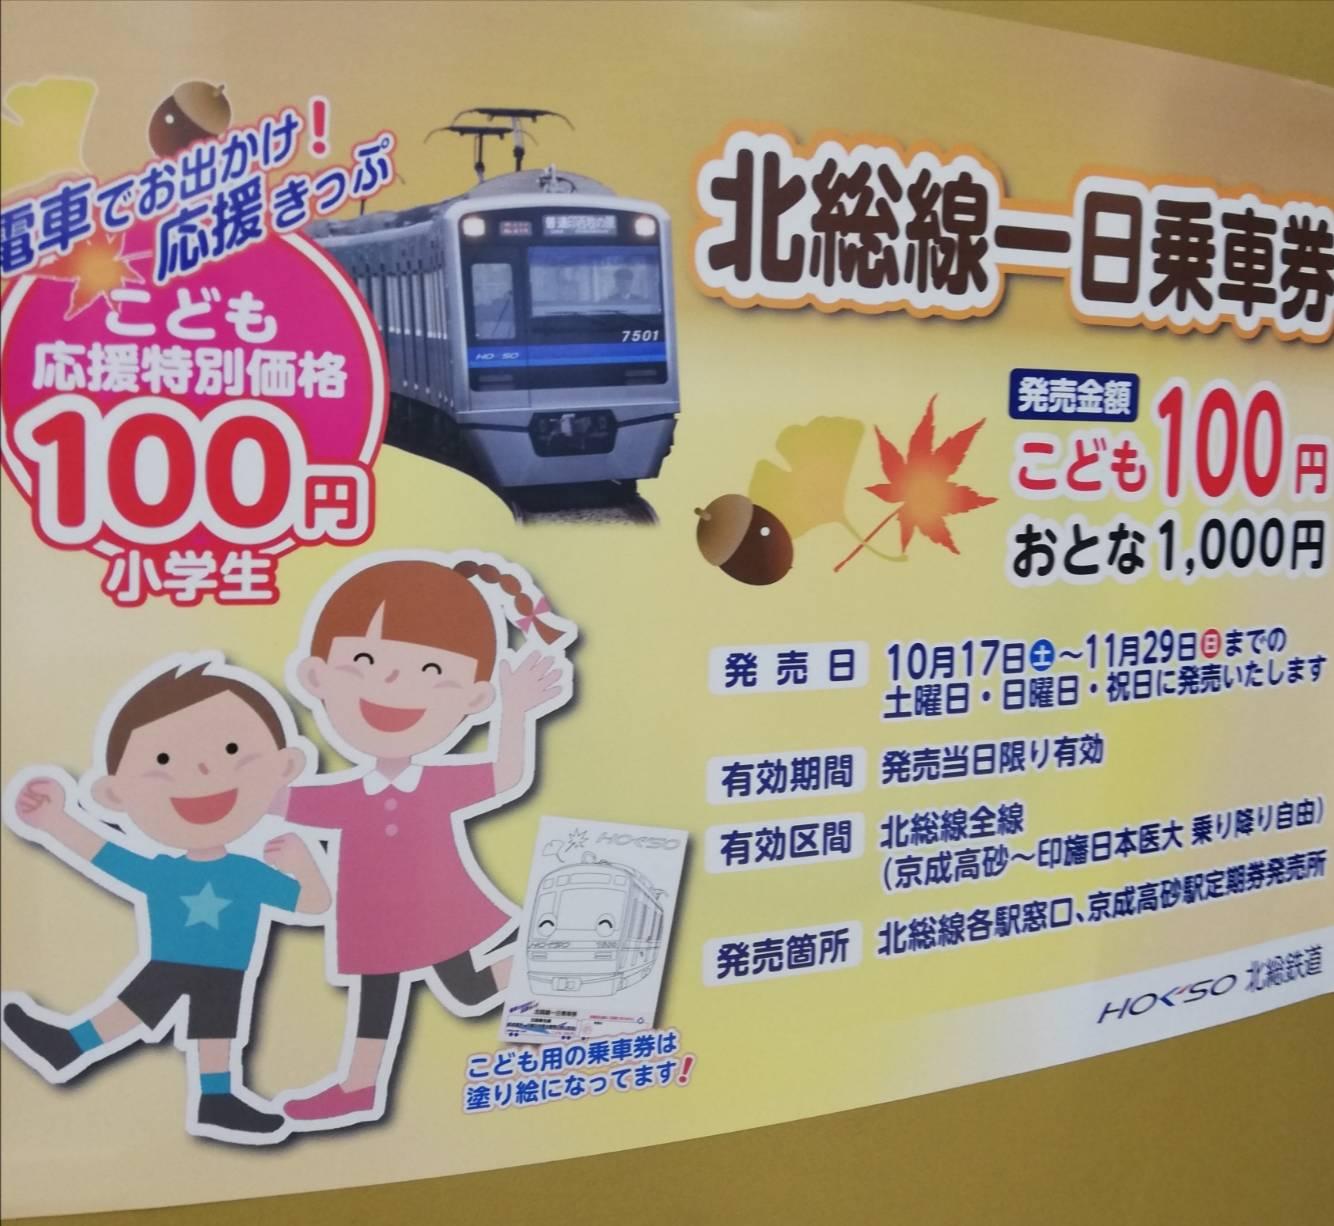 北総線1日乗車券2020こども100円小学生